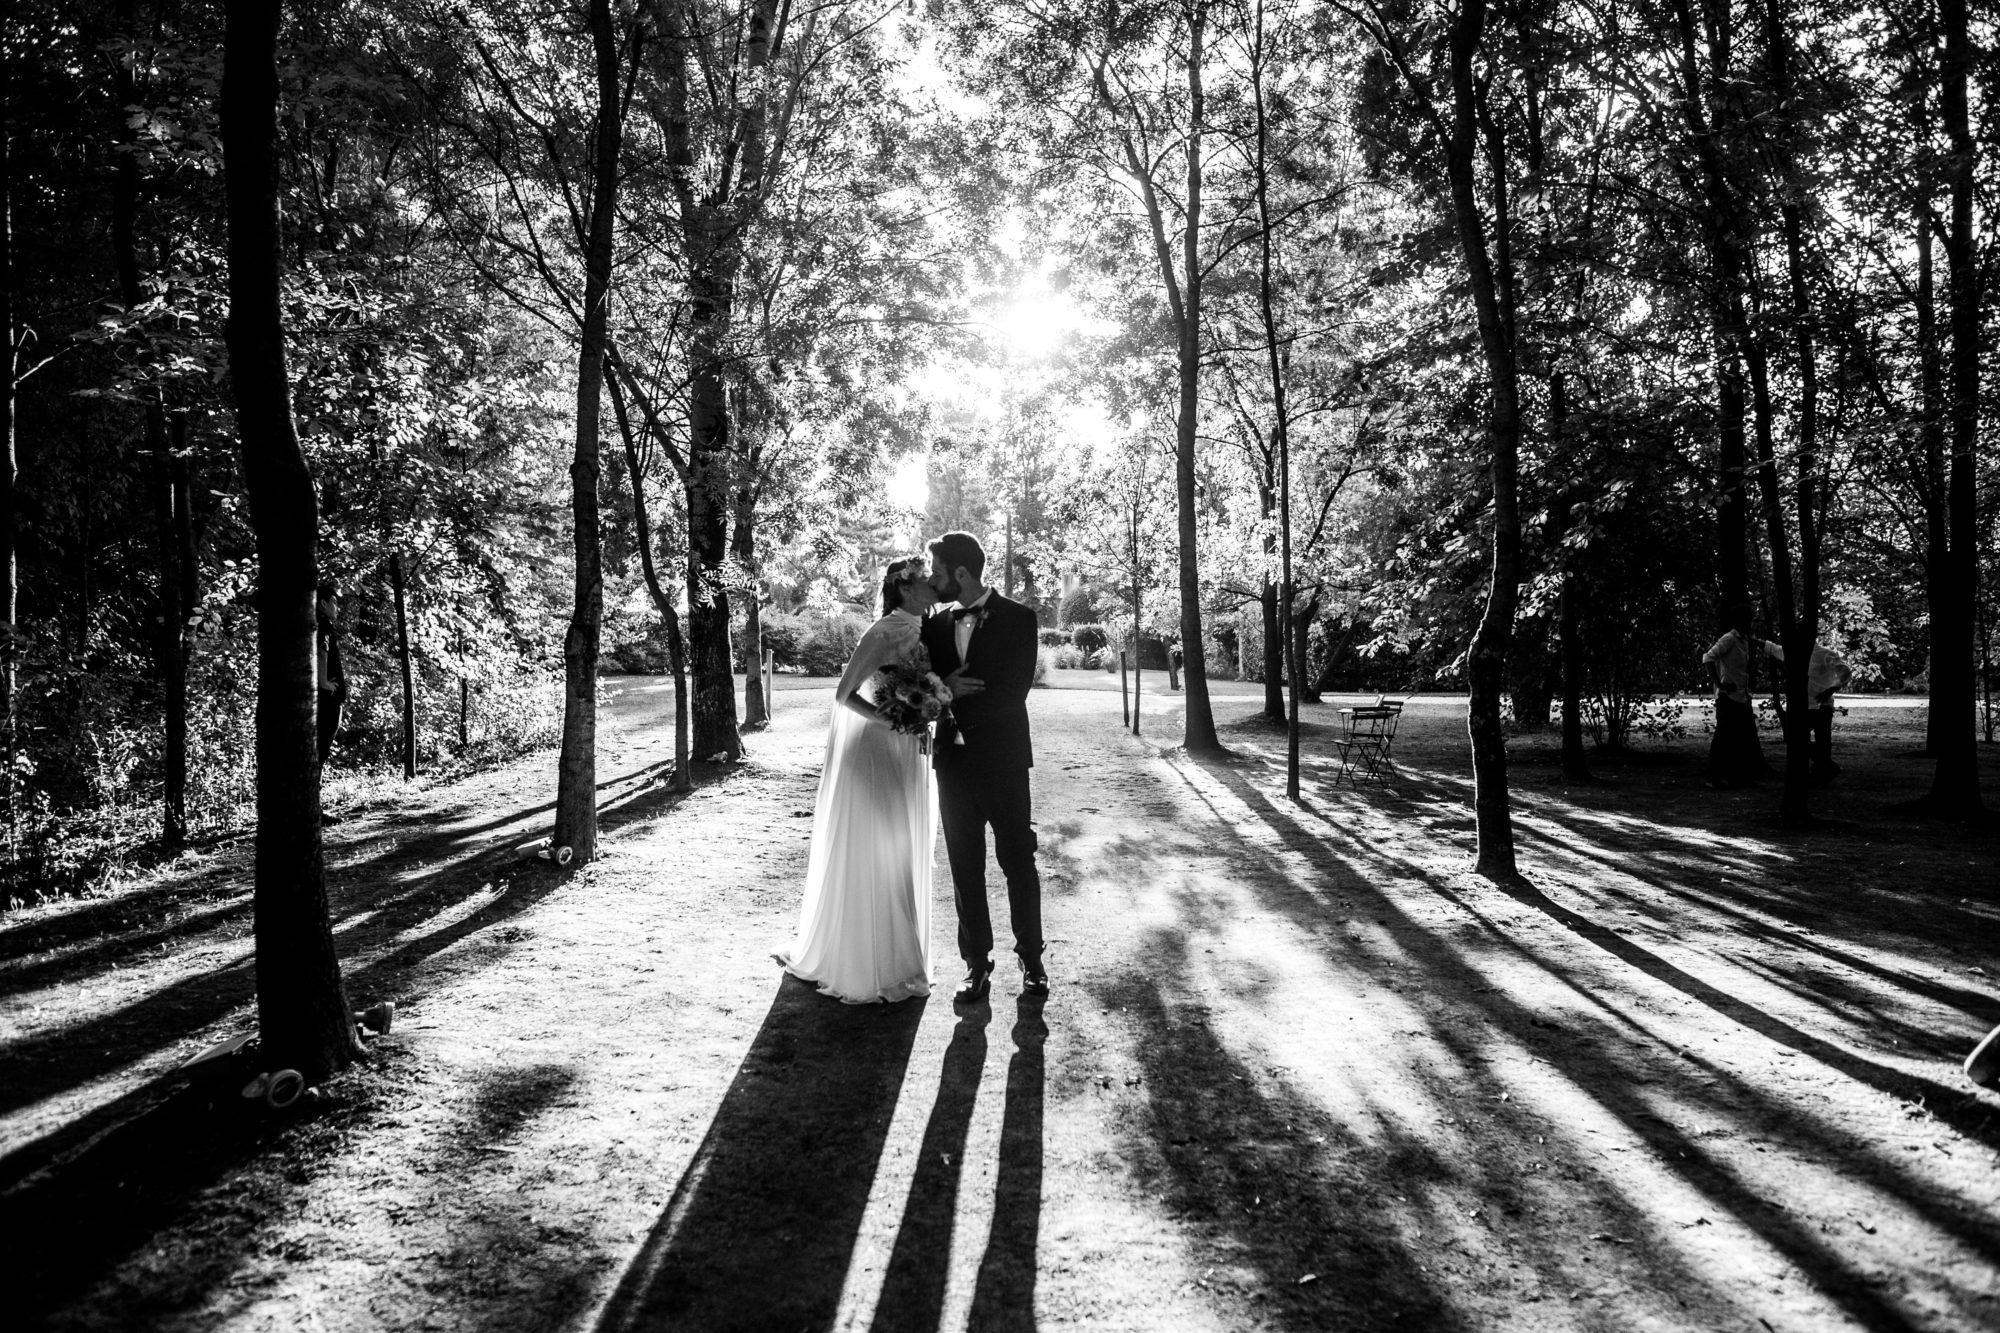 0031_gilberti_ricca_convento_annunciata_fotografi_matrimonio